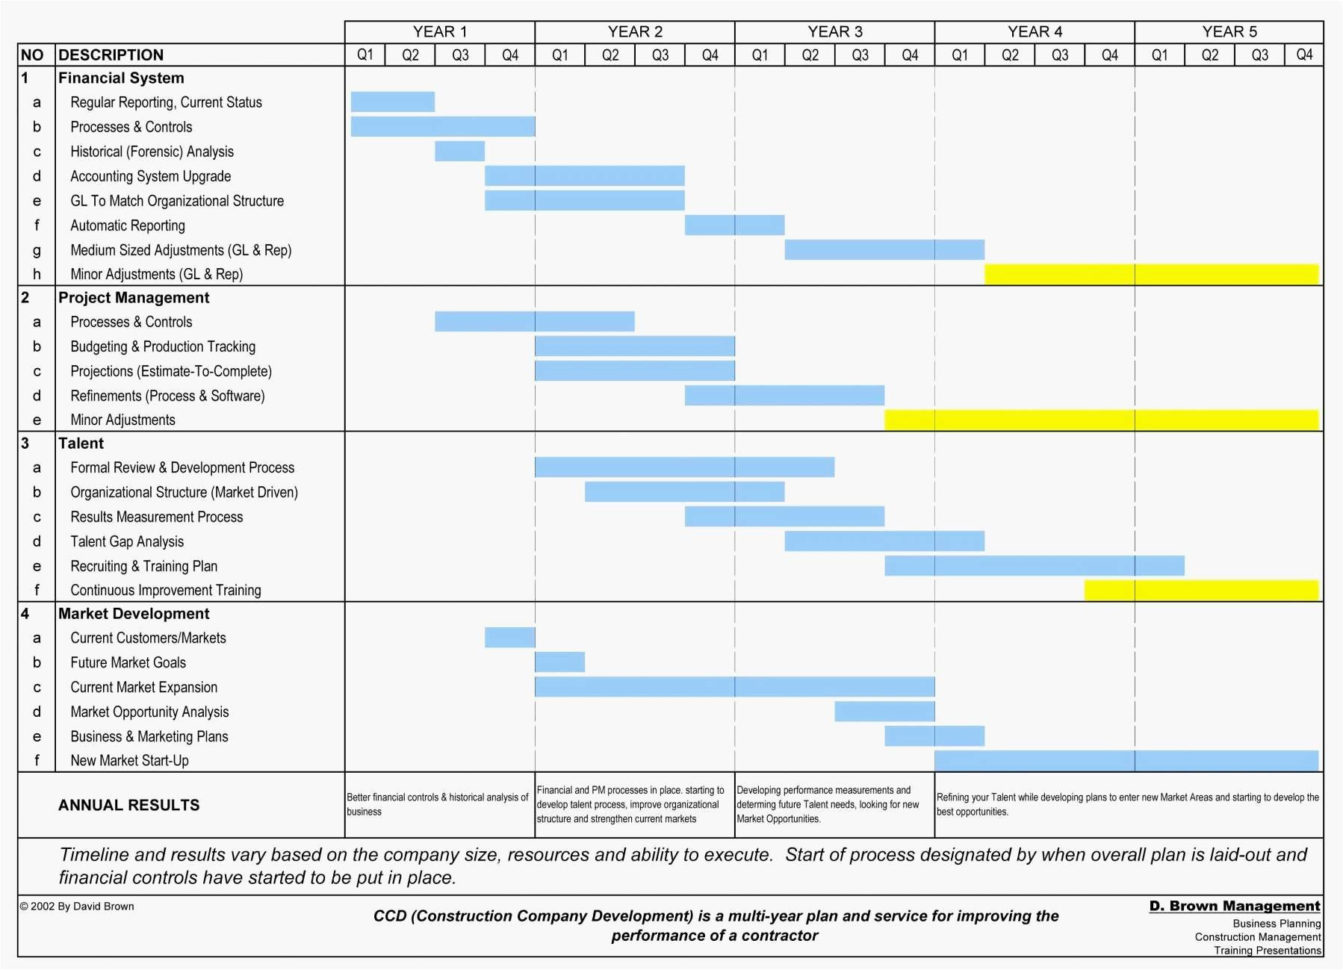 job management sheet job sheet management system job sheet management software management job market spreadsheet job management spreadsheet  Job Management Spreadsheet Throughout Job Tracking Spreadsheet – Spreadsheet Collections Job Management Spreadsheet Google Spreadshee